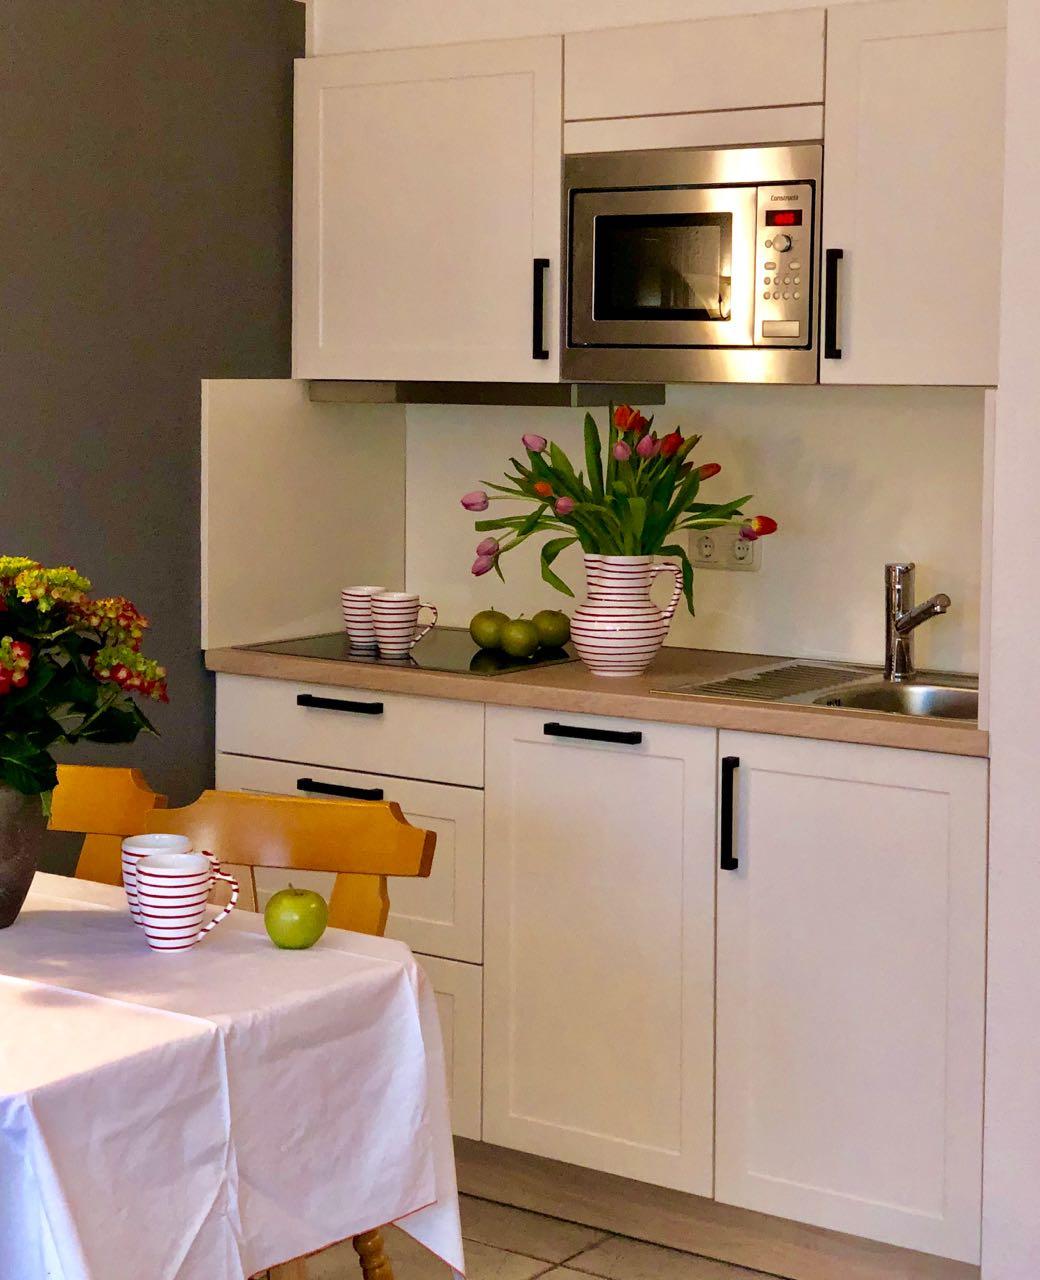 Neue Küche mit Spülmaschine und Mikrowelle.